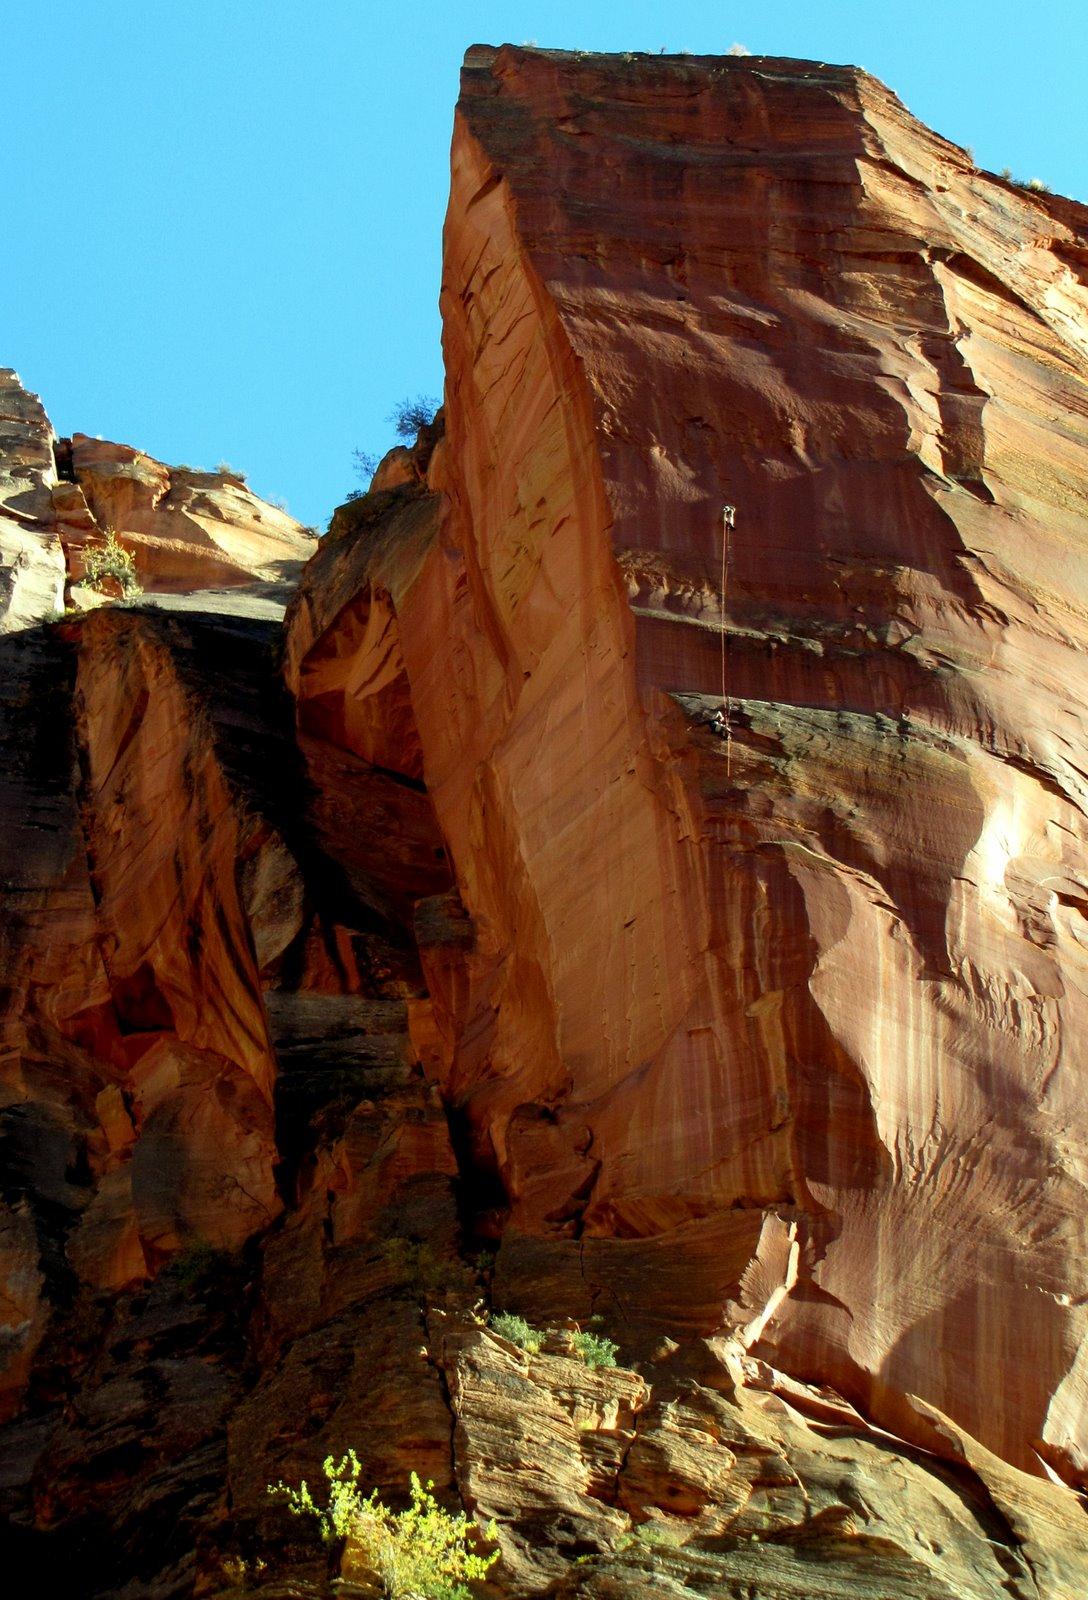 Sziklamászók jobbra középen a vörös sziklán  Climbers on the rock